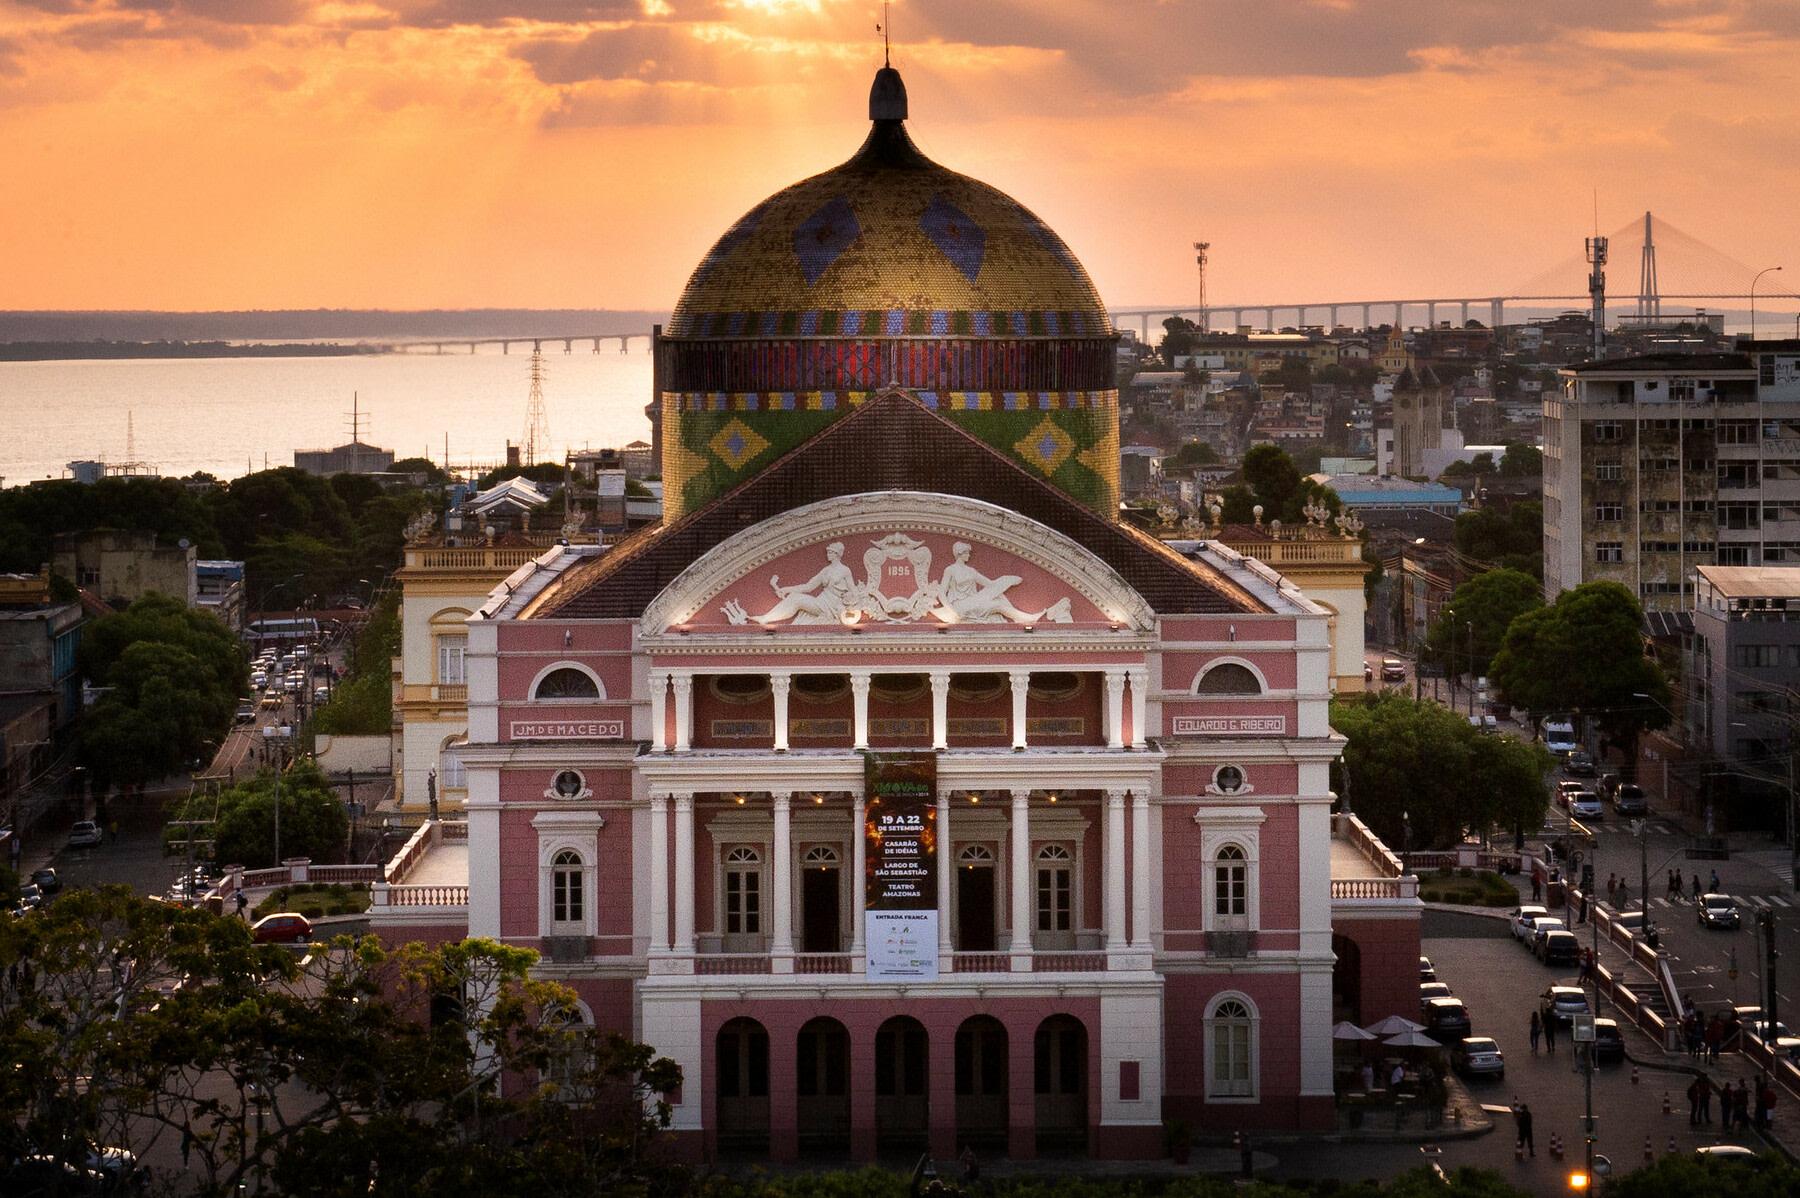 The Amazon Opera Theatre in Brazil